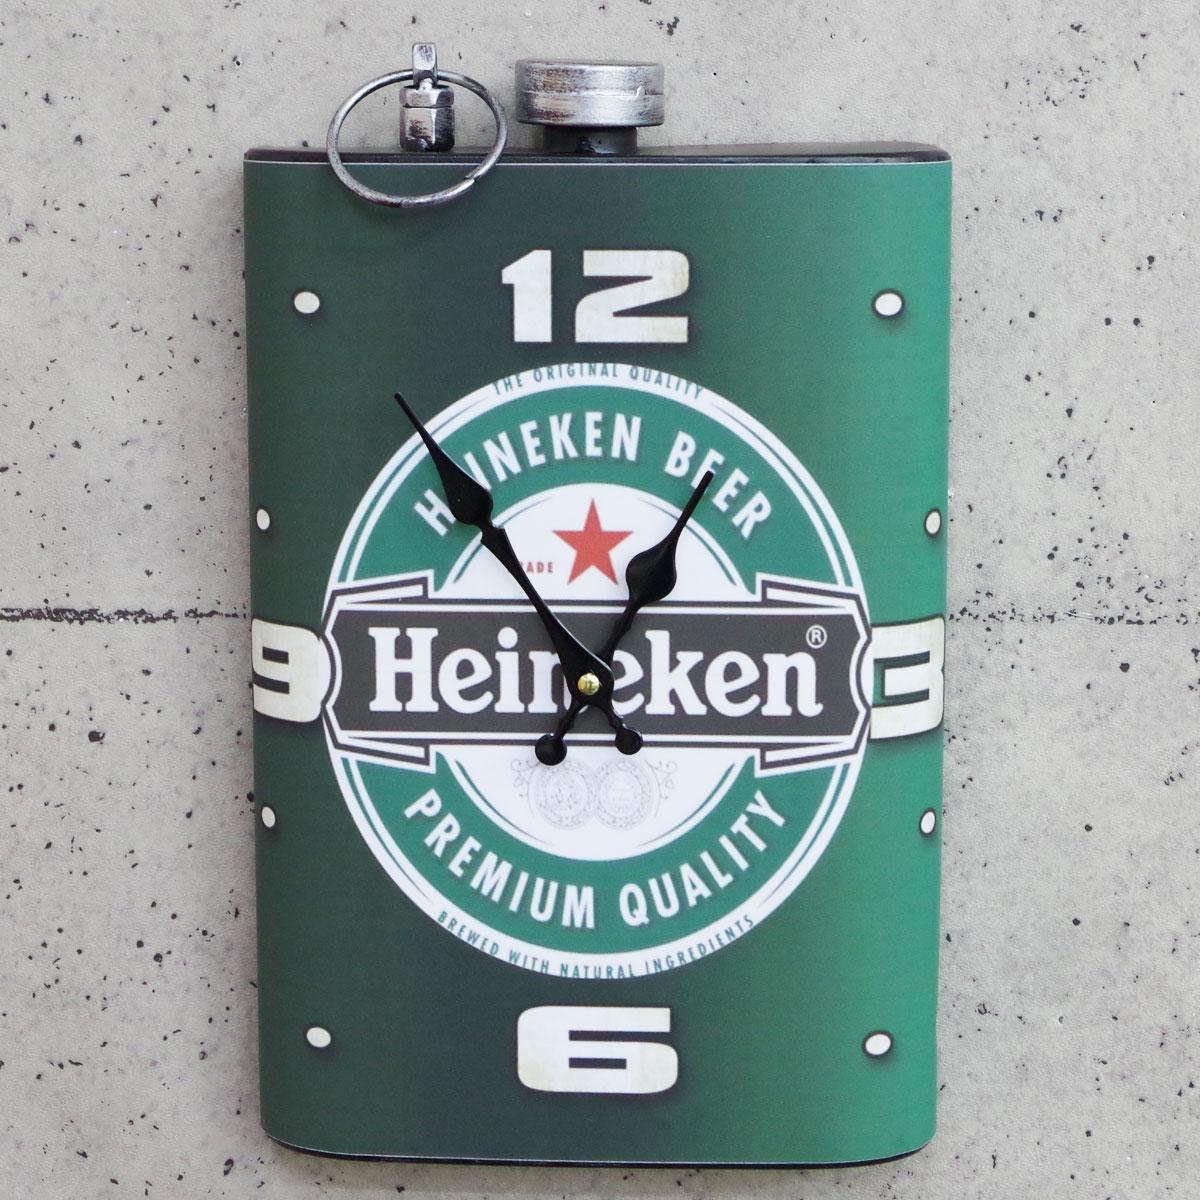 掛け時計 ウォールクロック スキットル型 ブリキ 雑貨 アメリカンレトロ ヴィンテージ 卓抜 ハイネケン ビール 限定特価 バー インテリア 9 BT-33 アメリカ雑貨 おしゃれ 10はエントリーでポイント10倍対象商品は20%OFF オシャレ時計 お店